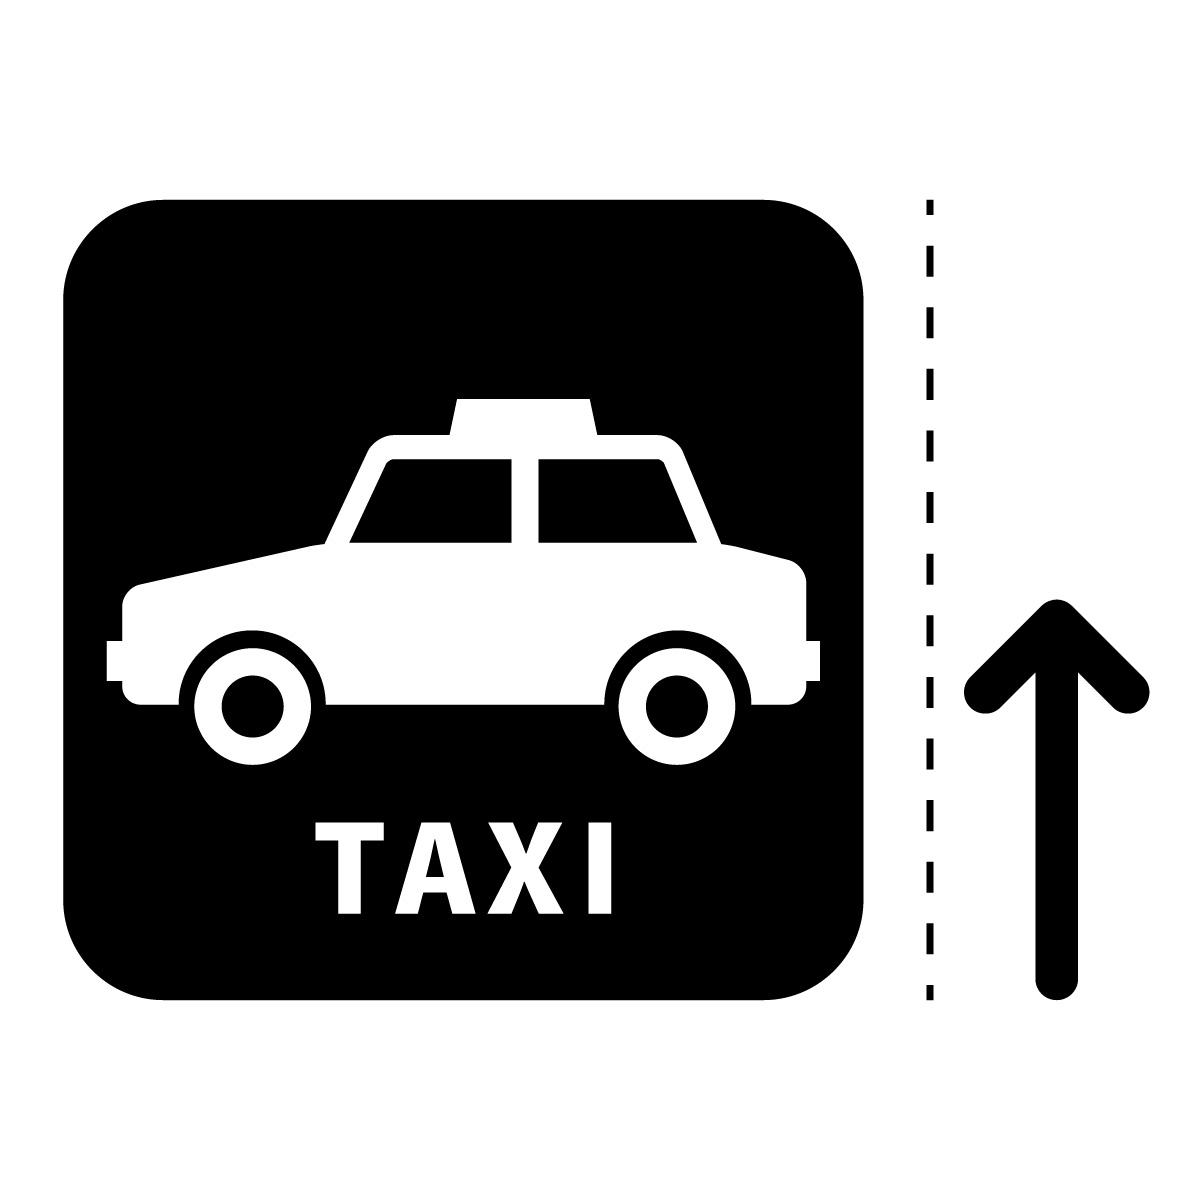 黒色のタクシー案内マーク(矢印付き)のカッティングステッカー・シール